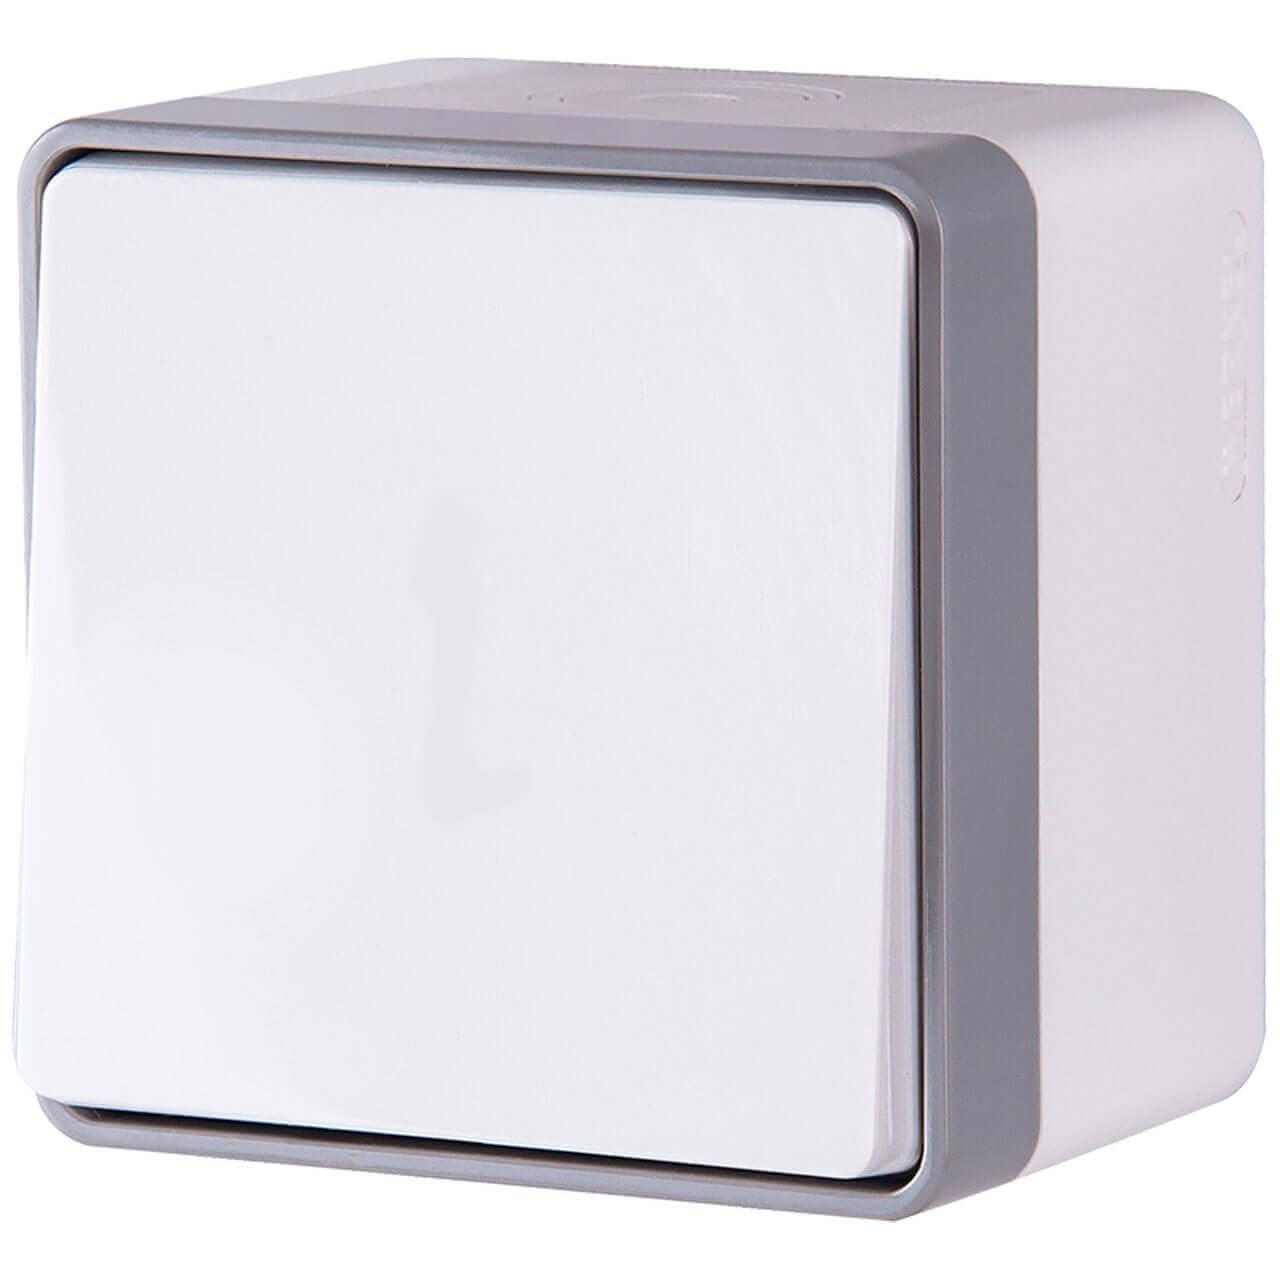 Выключатель Werkel одноклавишный влагозащищенный Gallant белый WL15-01-02 4690389102158